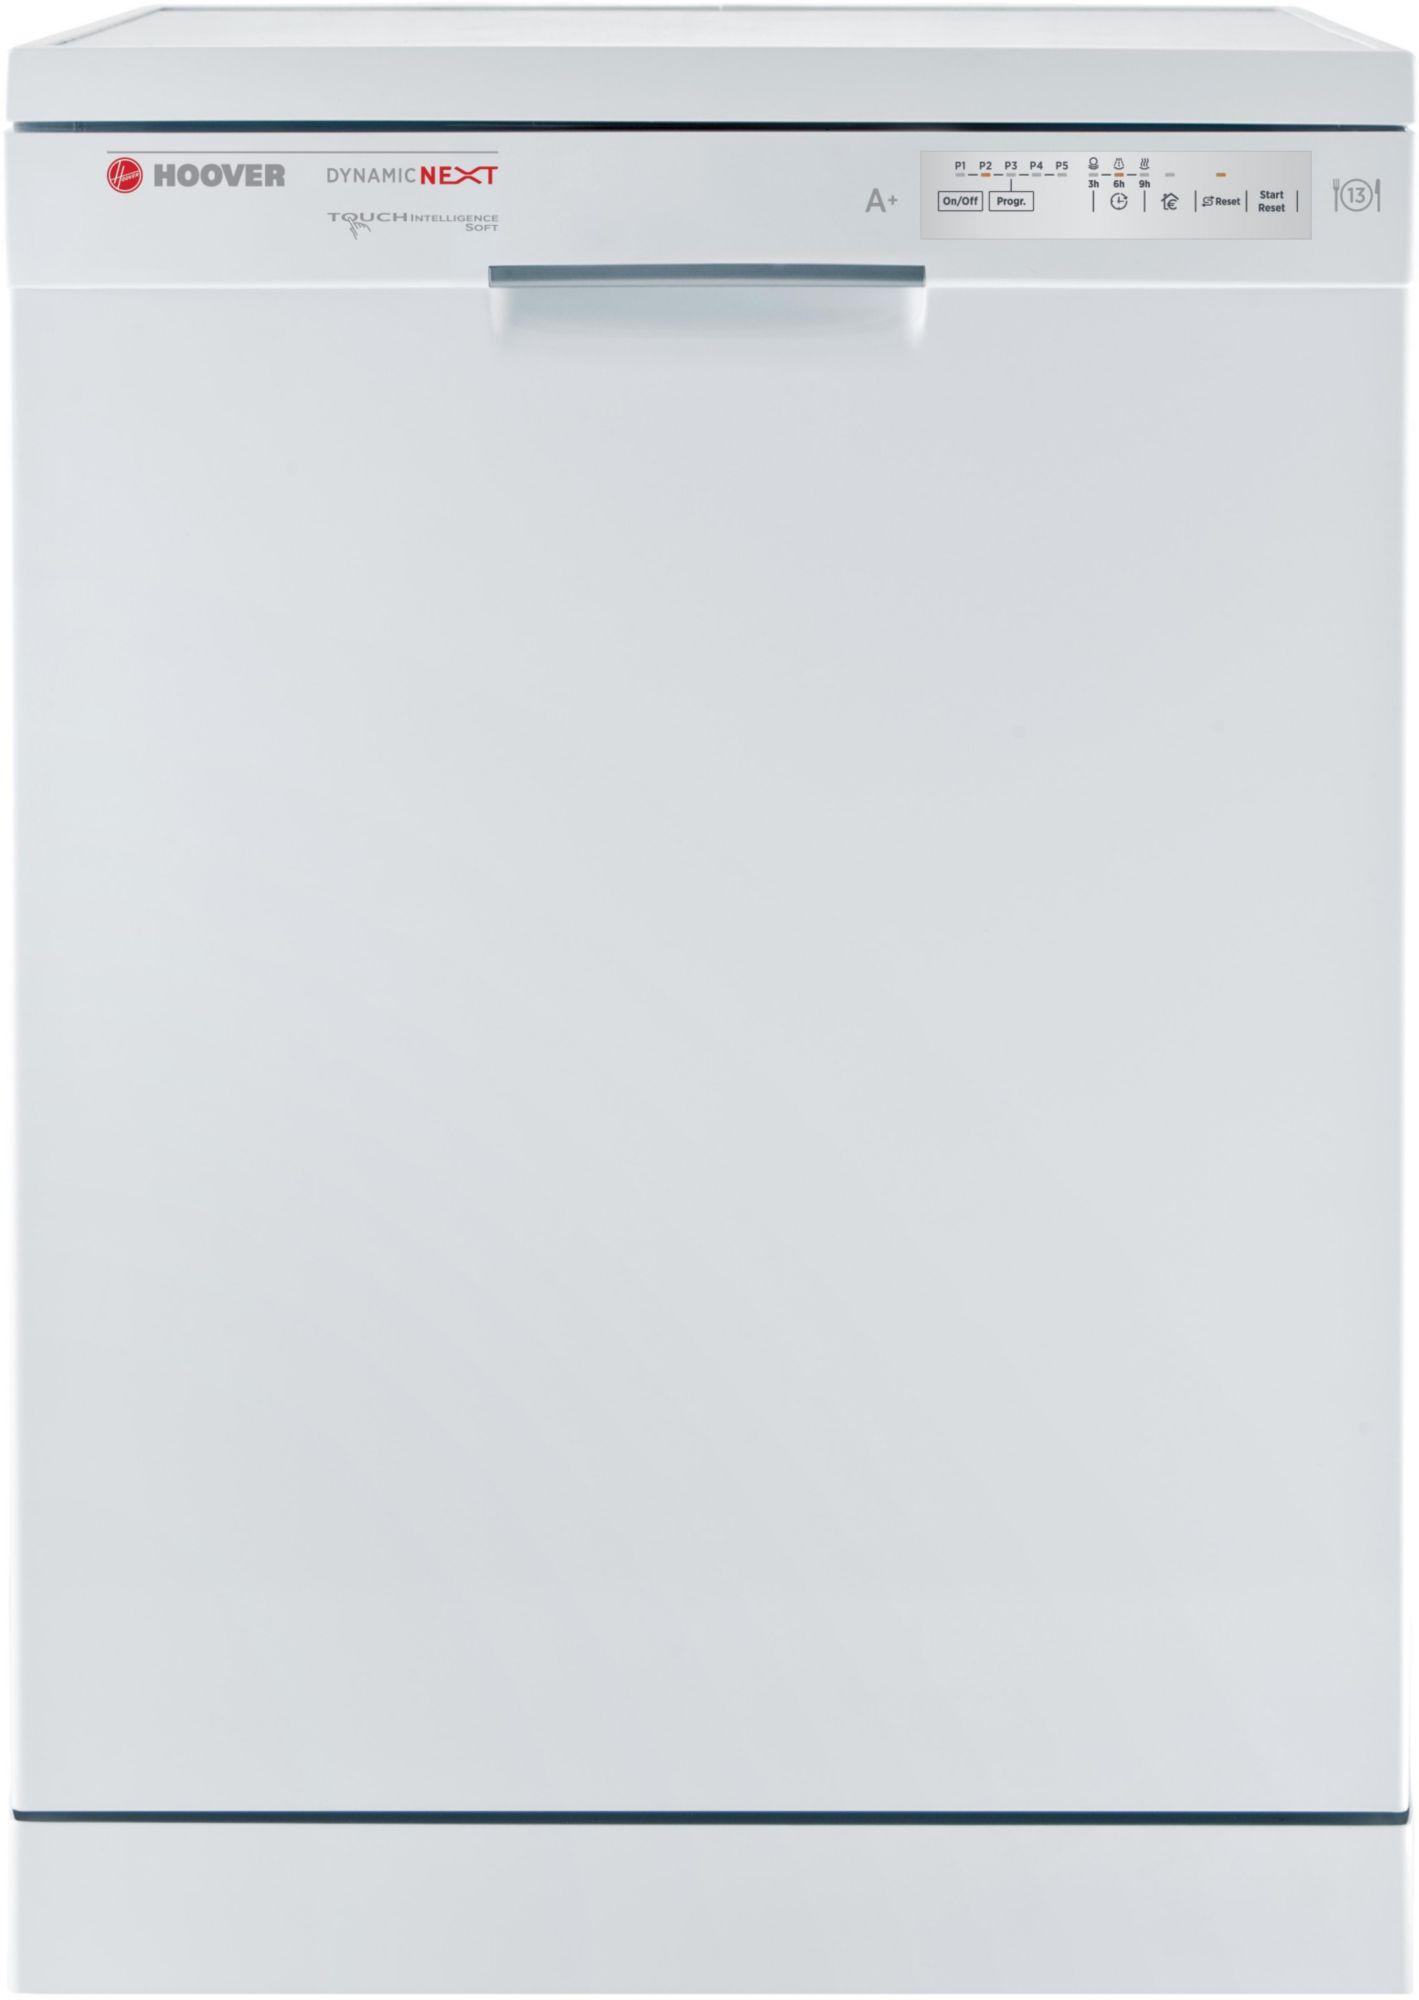 HOOVER Hoover Geschirrspüler HDP 1L39W, A+, 12 Liter, 13 Maßgedecke